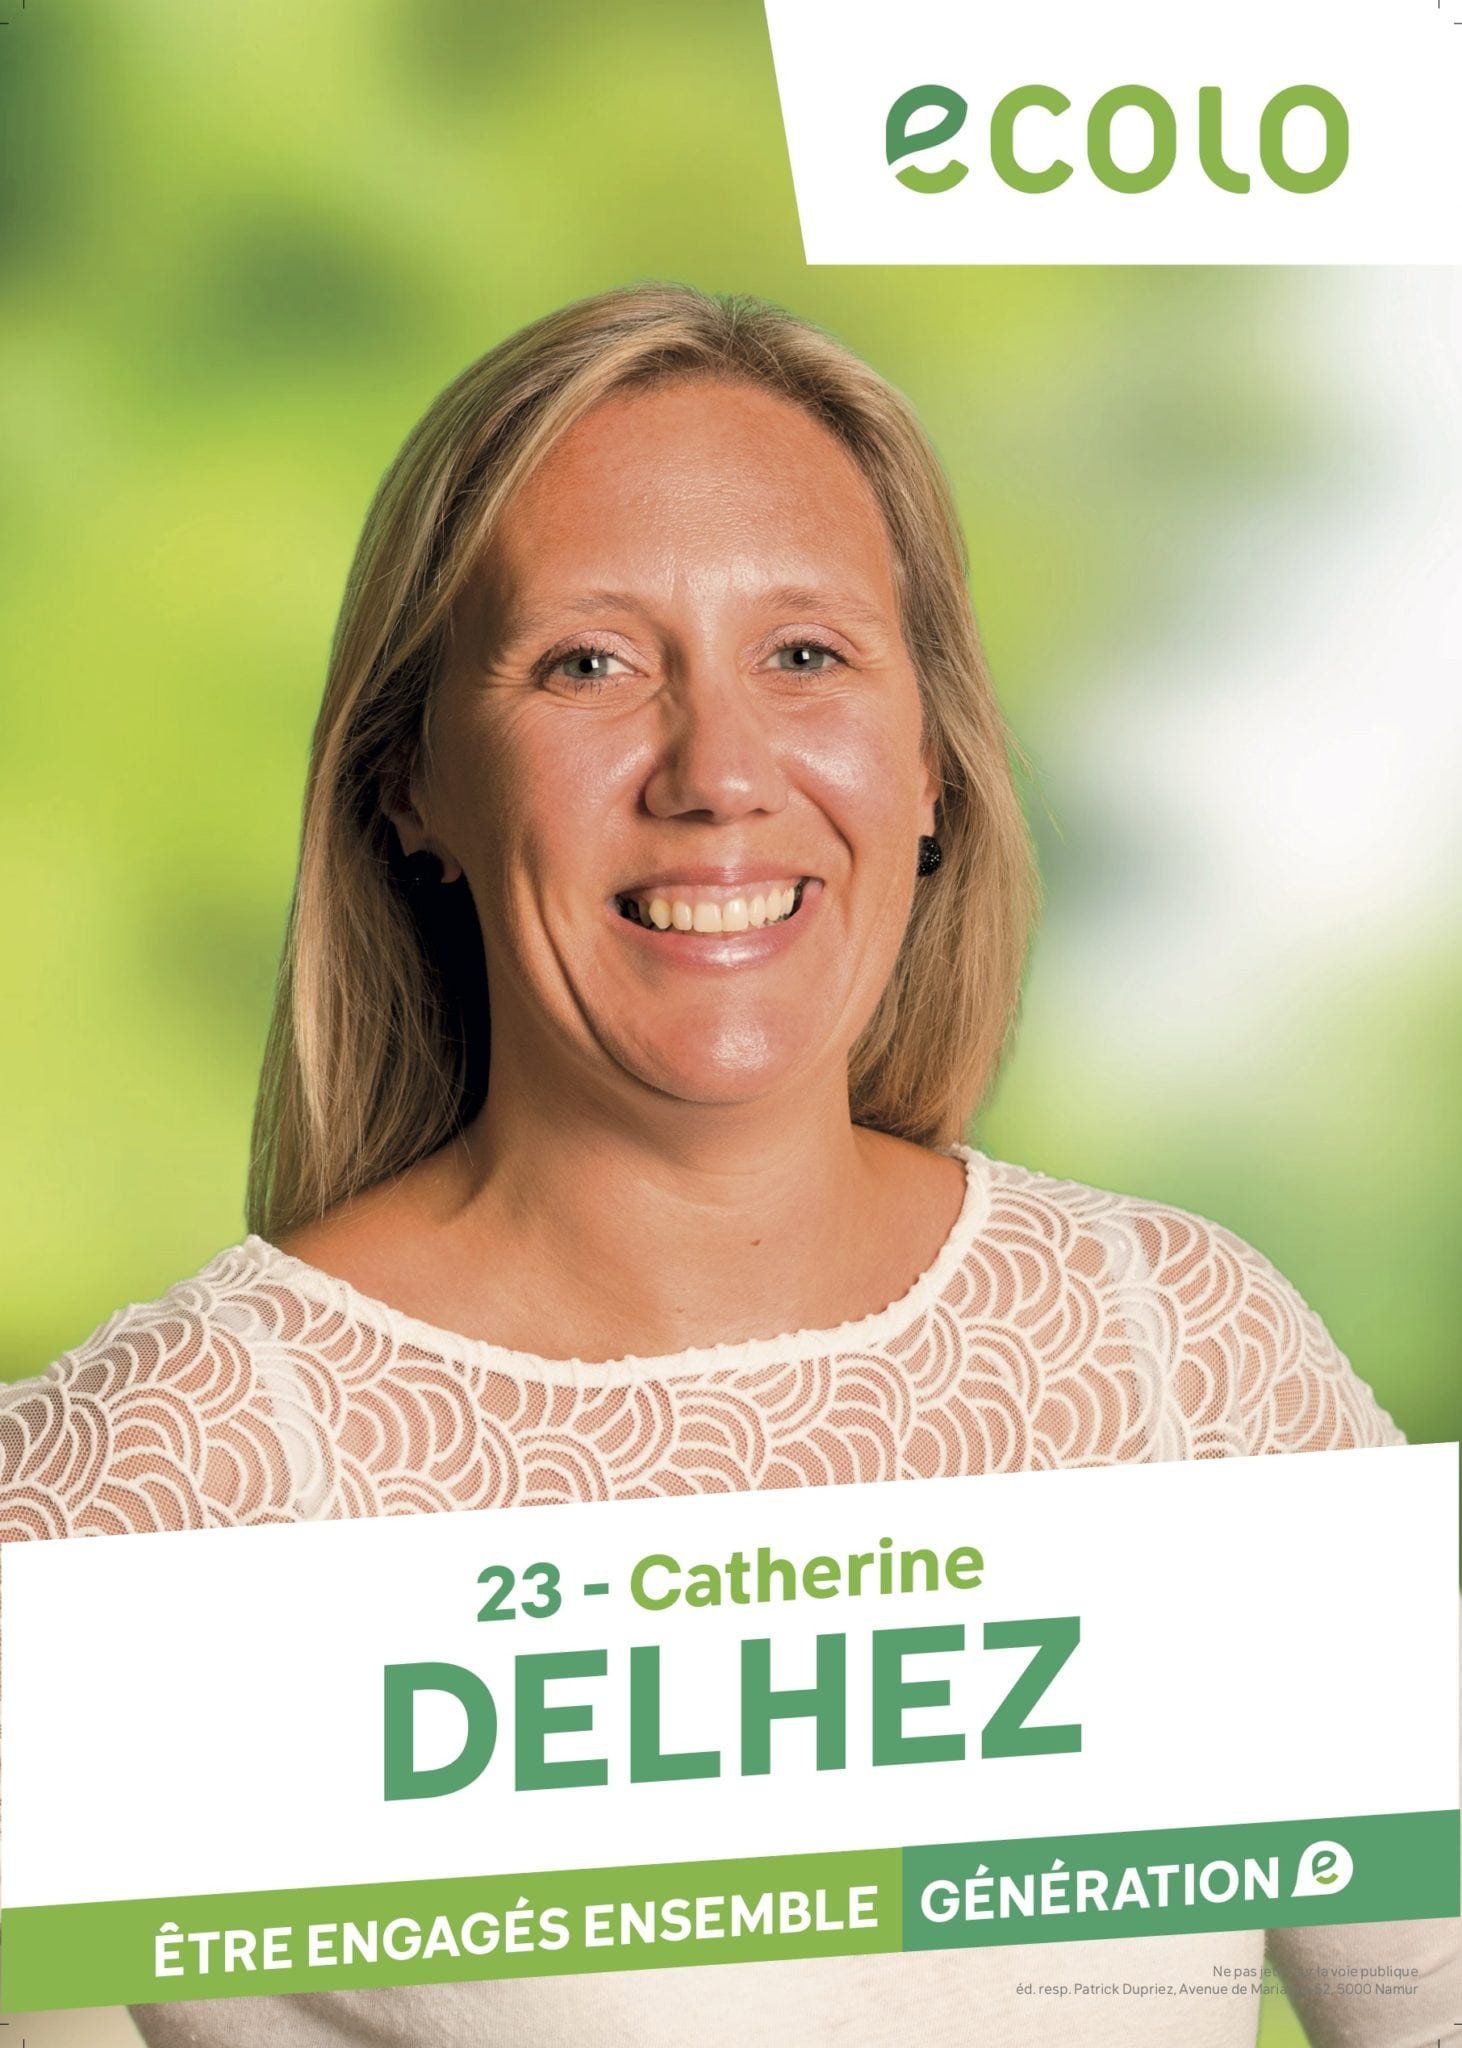 Catherine Delhez